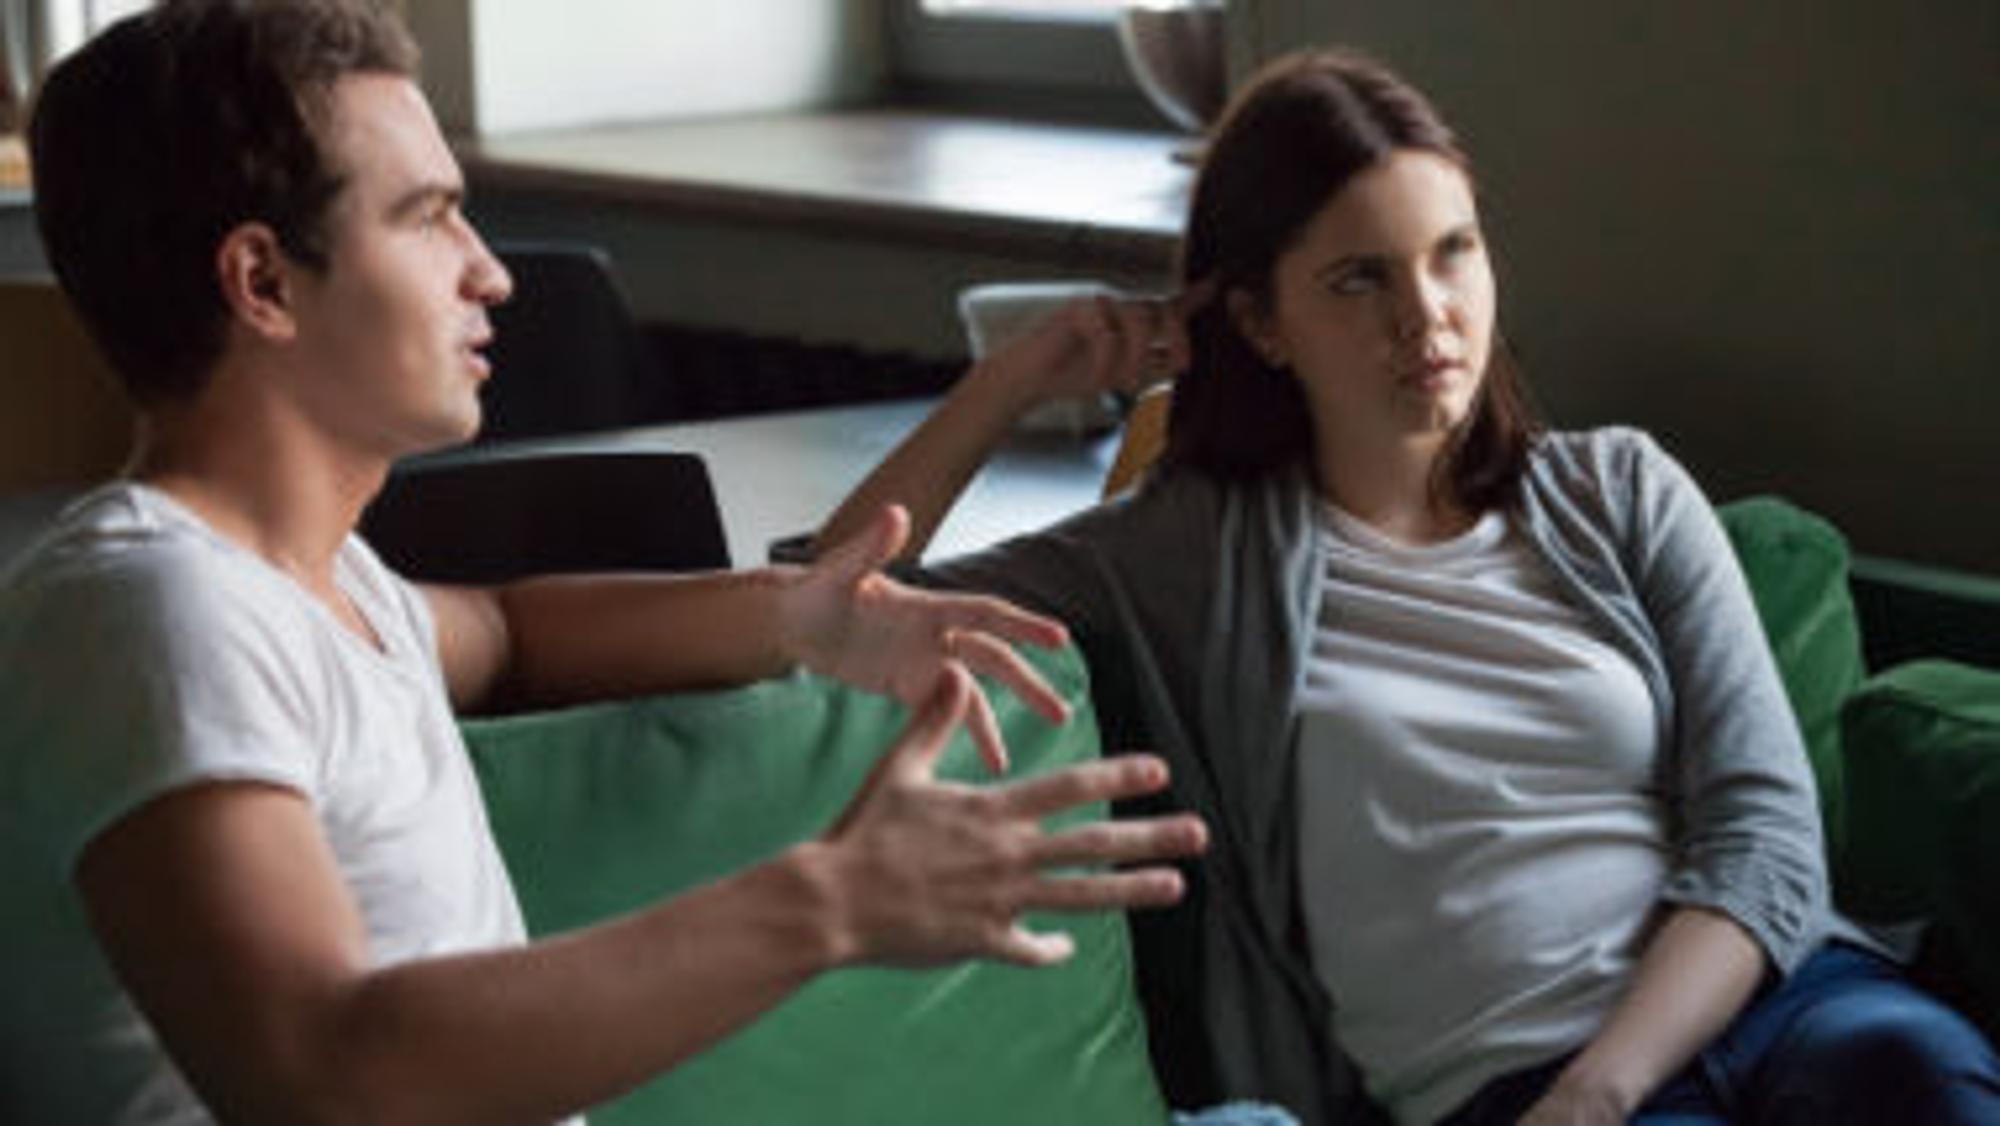 Paar sitzt auf einer Couch und streitet